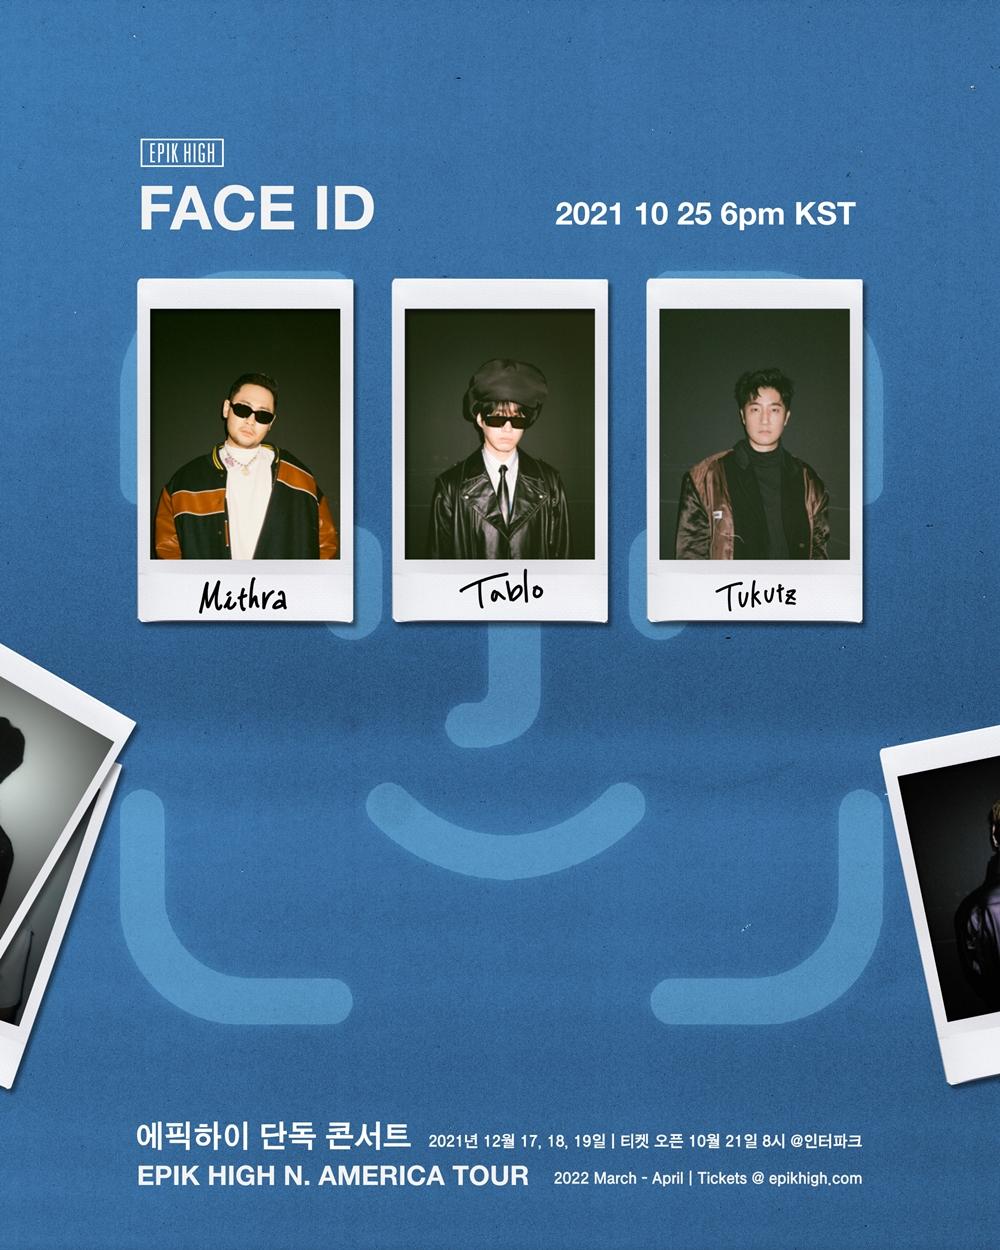 '25일 발매' 에픽하이, 선공개 싱글 'FACE ID' 폴라로이드 공개…특급 피처링진...